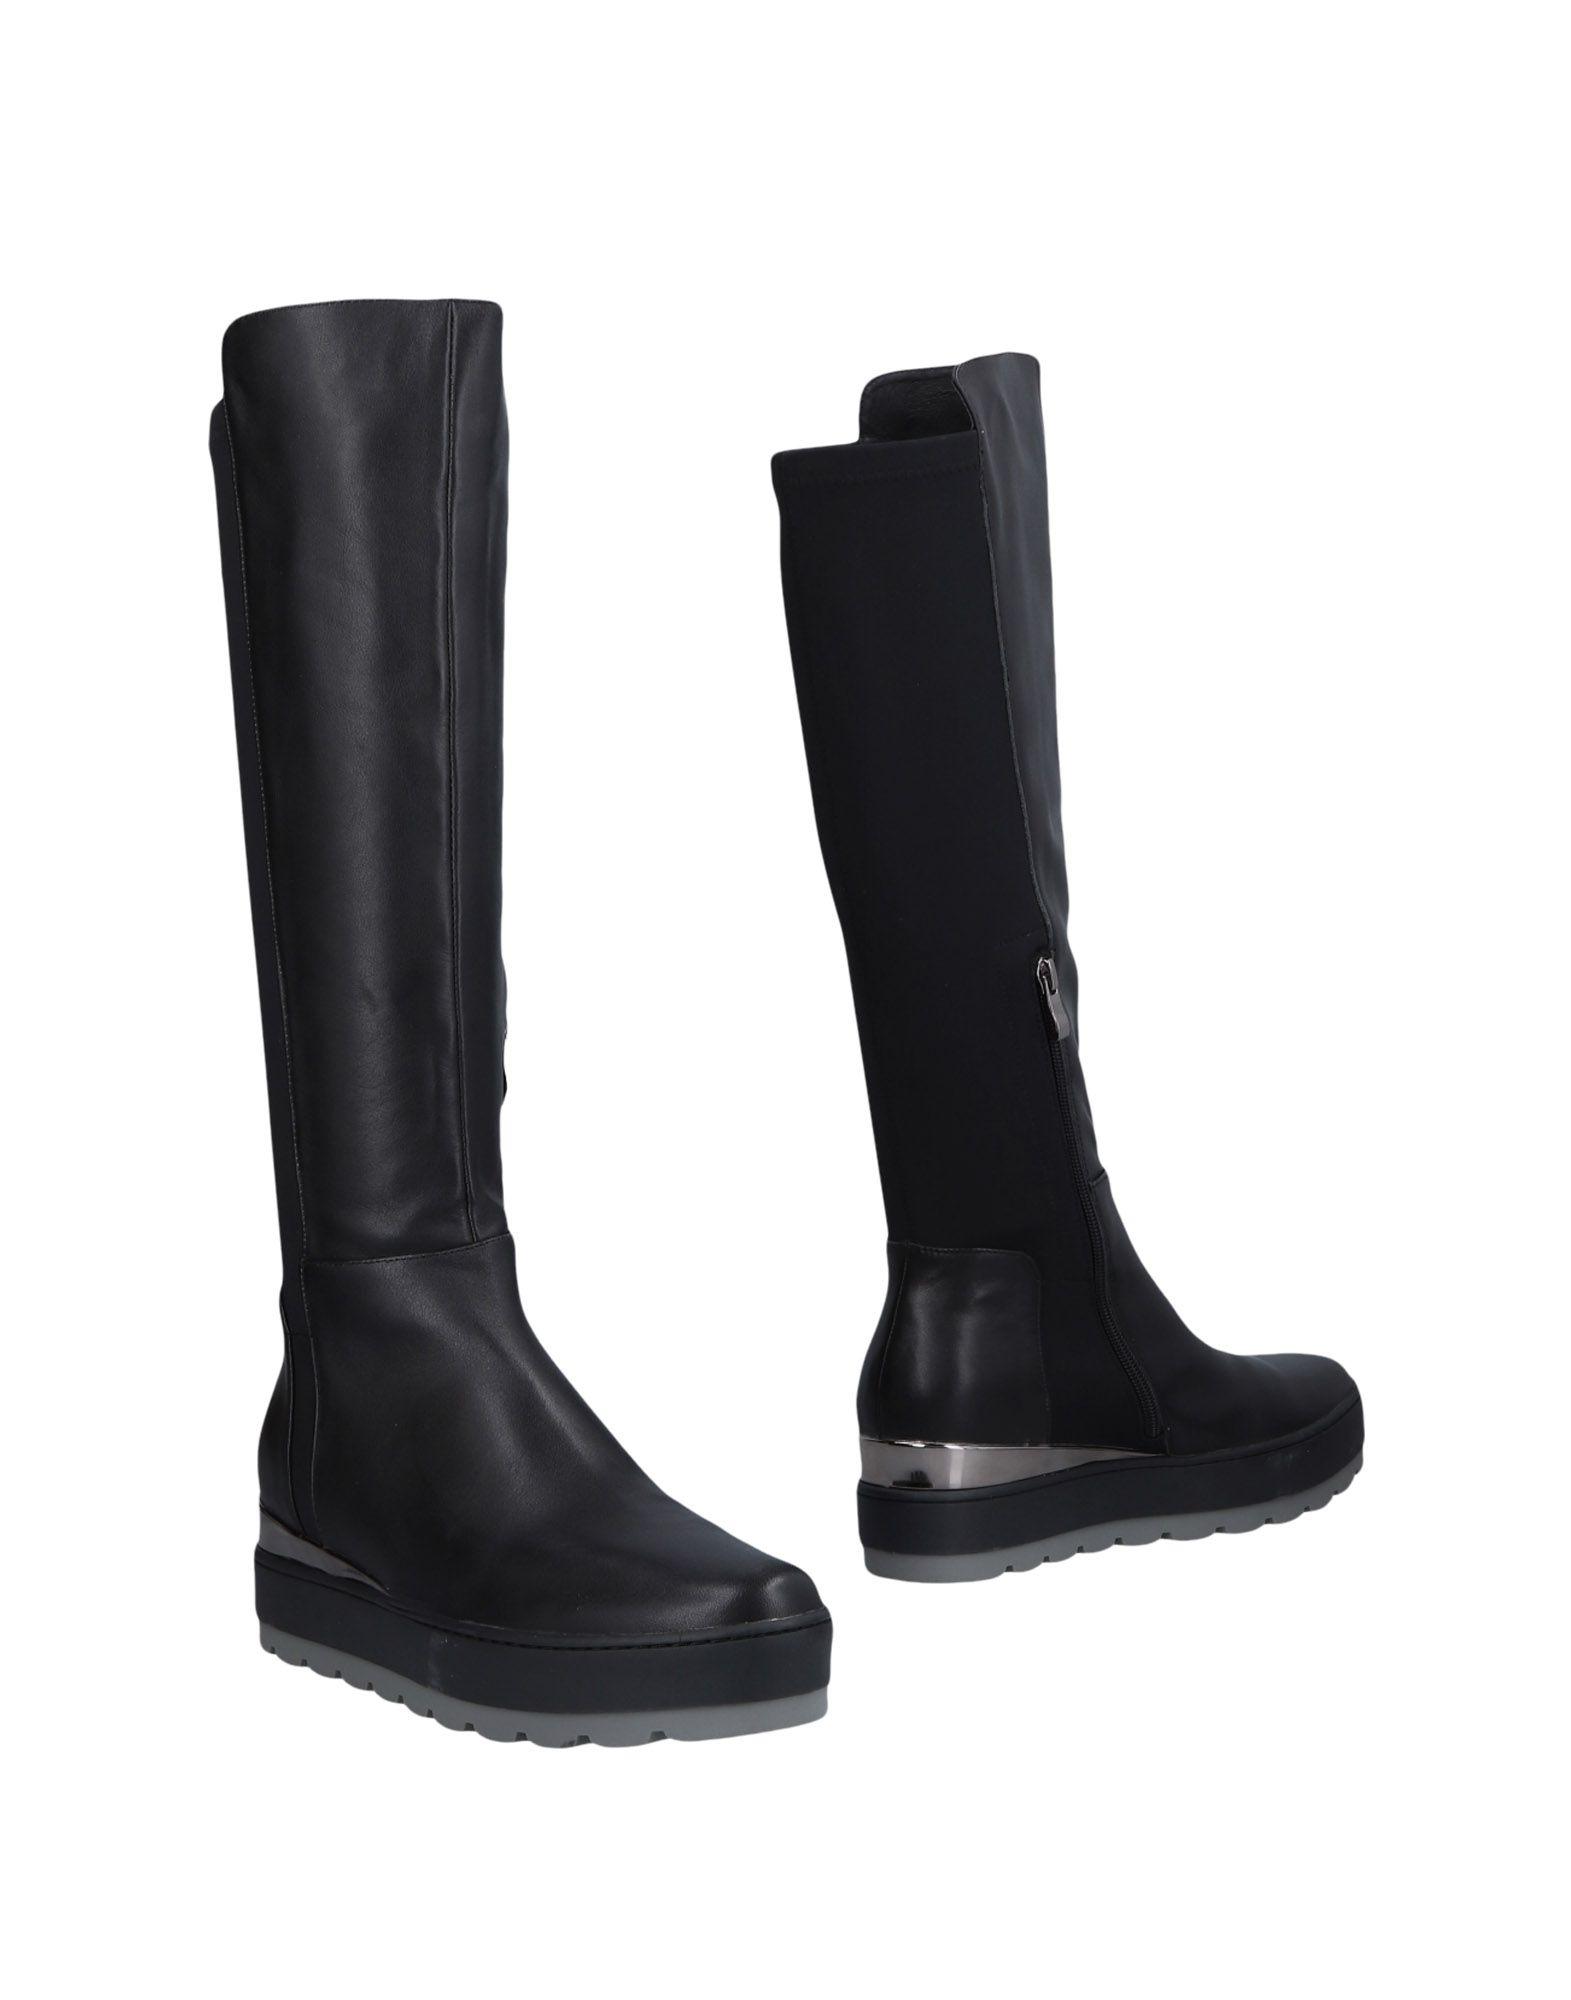 Moda Stivali Cafènoir Donna - 11477877FC